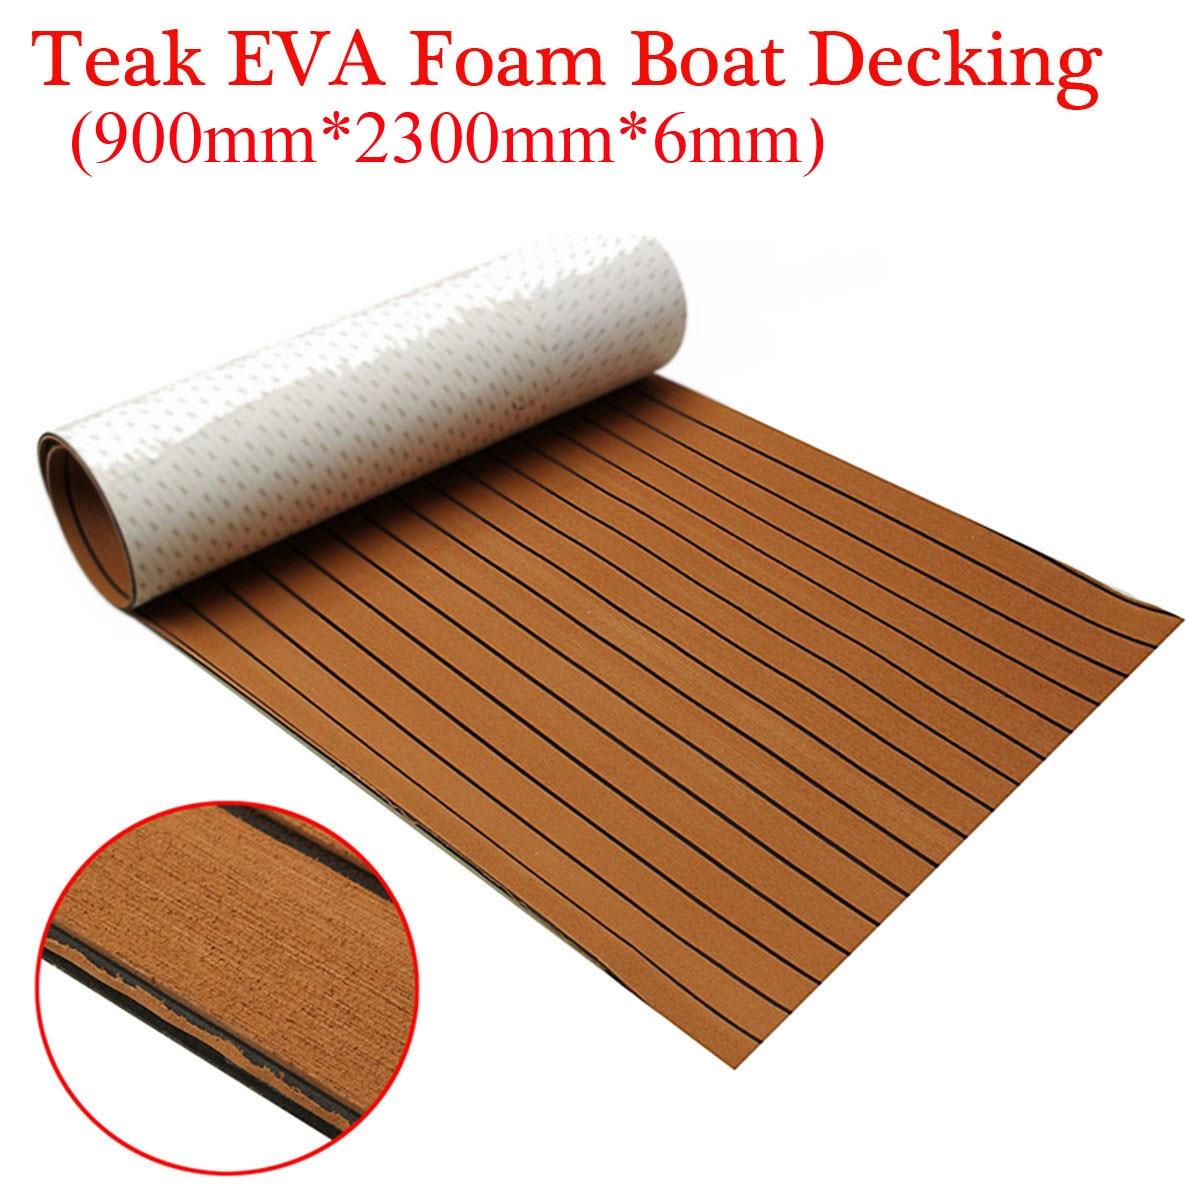 900x2300x6mm auto-adhésif EVA mousse teck marron avec ligne noire Faux teck bateau platelage feuille